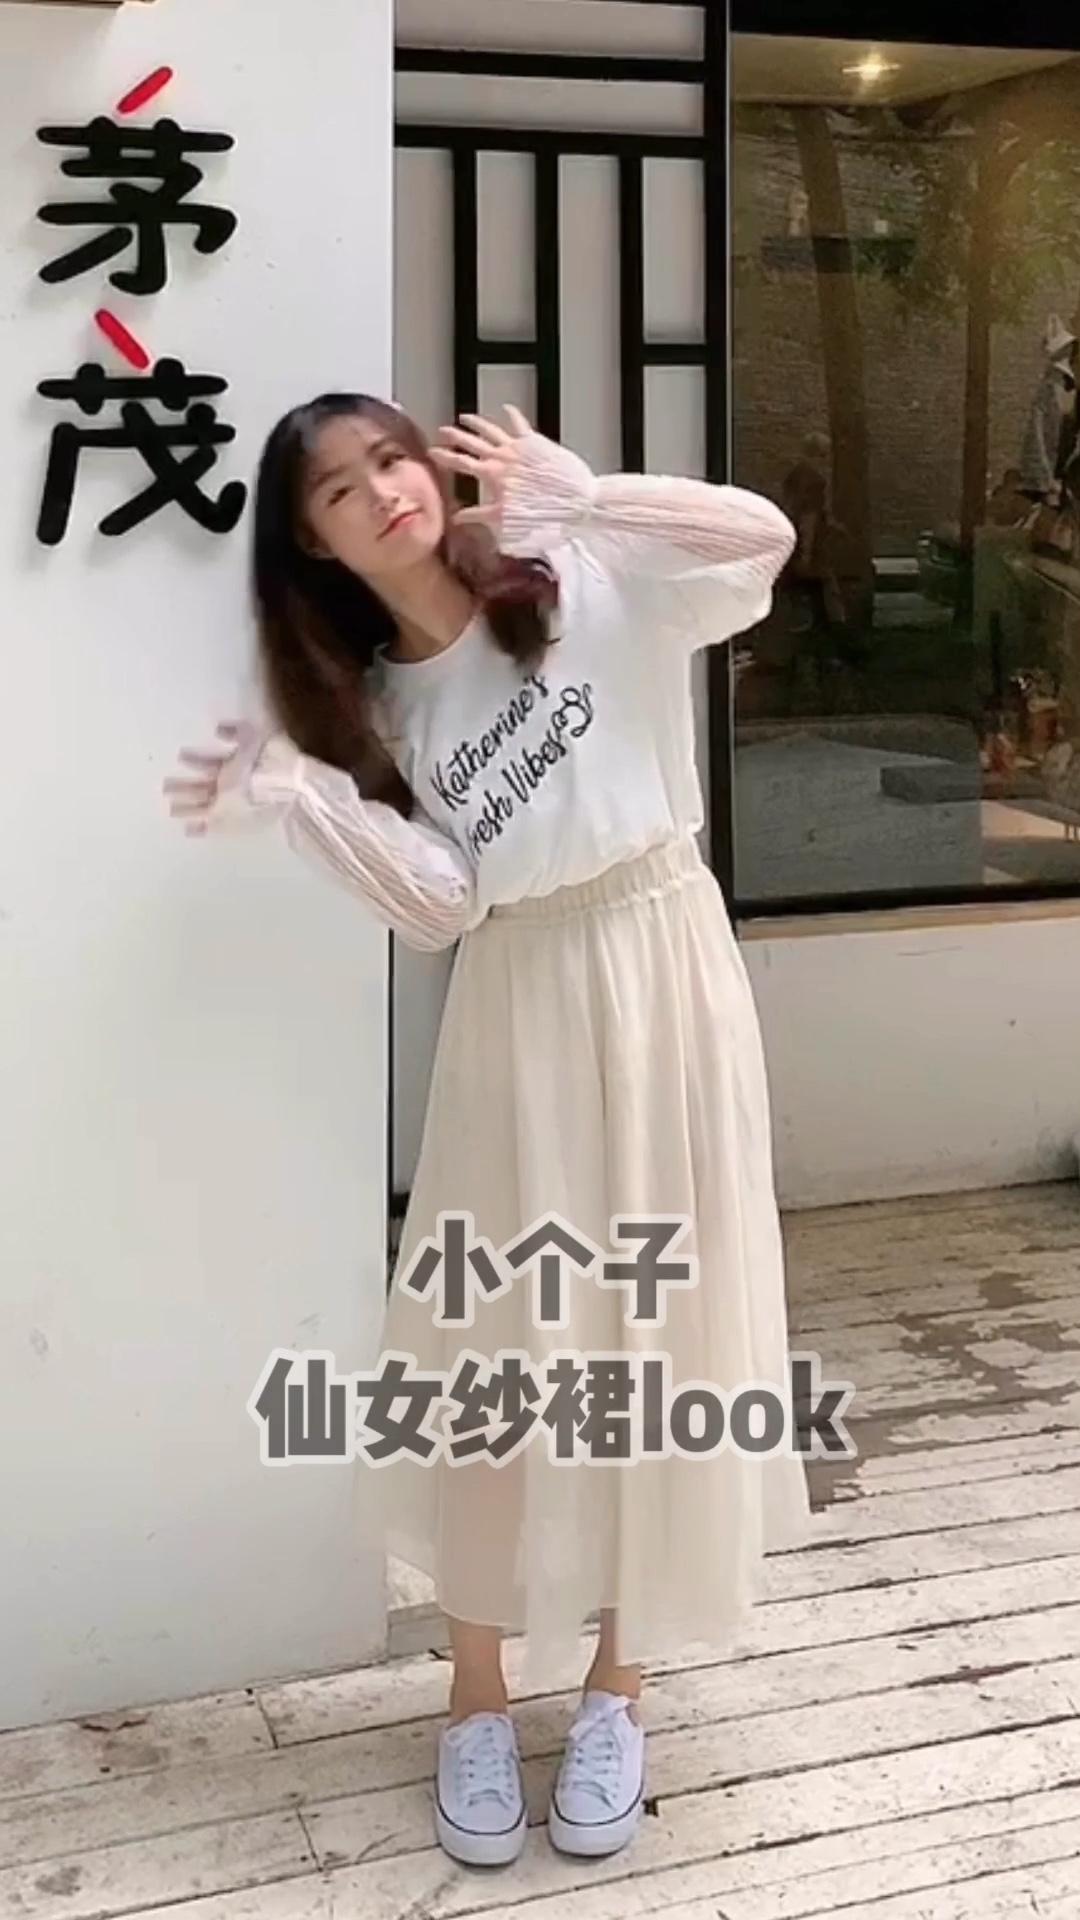 #入秋单品王,这件最上头# 🍪啦啦啦~我最爱的纱裙终于可以穿上啦! 飘逸灵动的,少女感满满! 🍪假两件T恤也是相当实穿又方便!普通的白t增加了蕾丝元素,就变得时尚斩男~